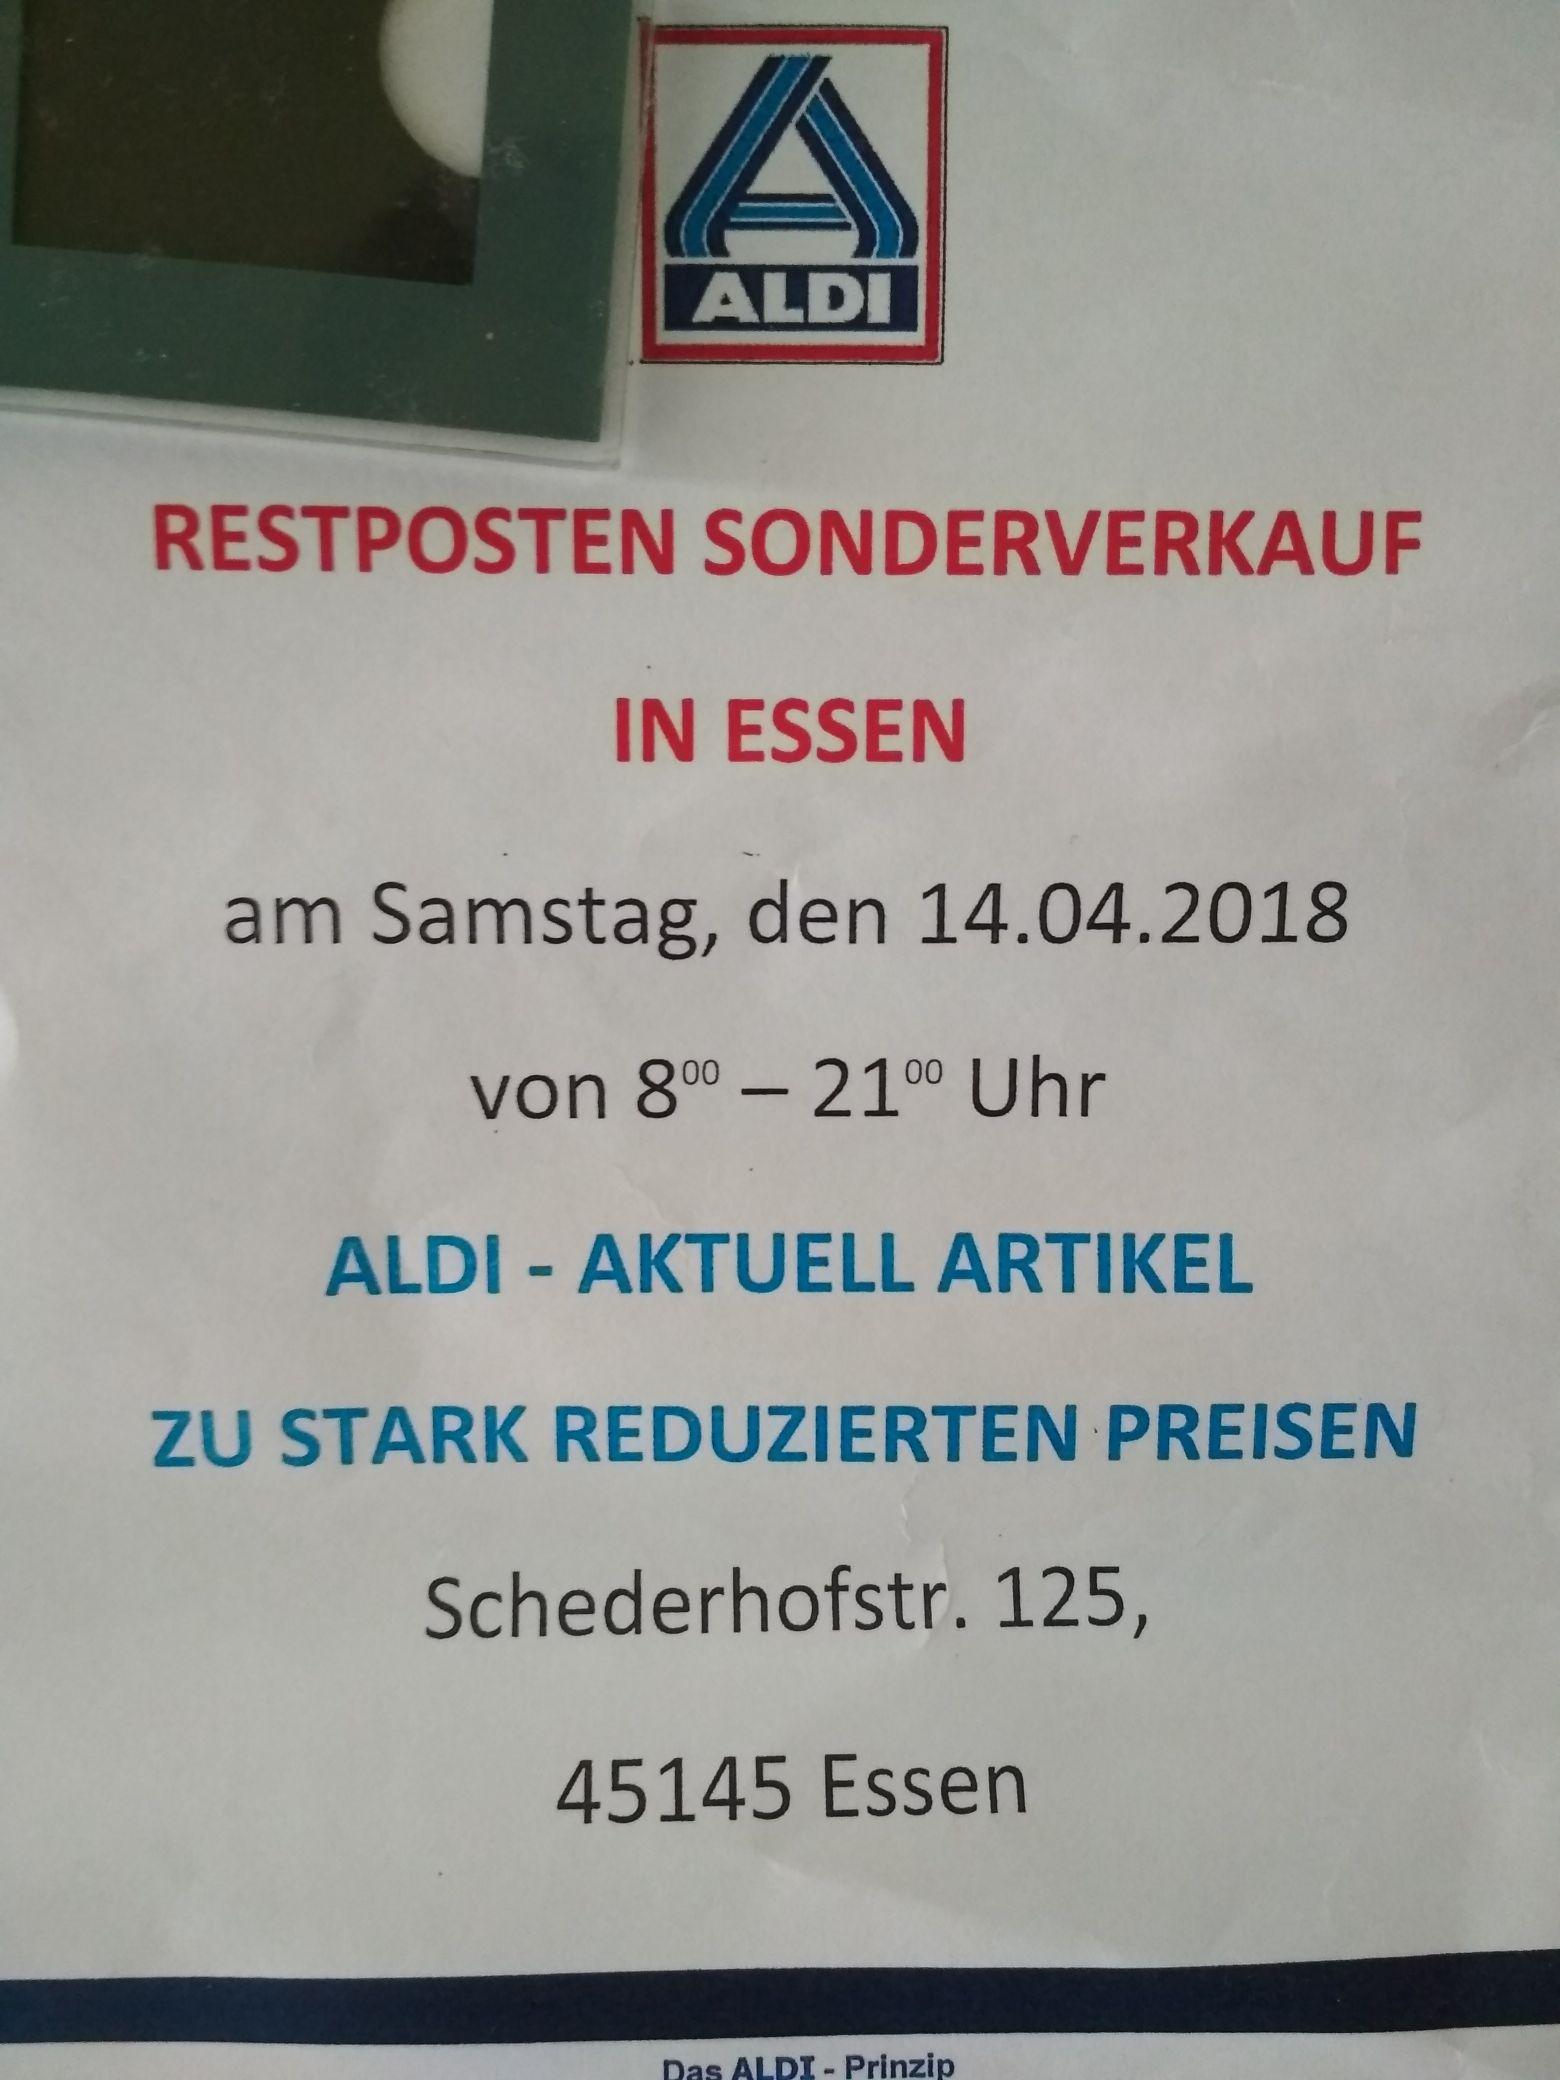 Lokal: restposten sonderverkauf bei Aldi in Essen (schederhofstr. 125) am 14.04.18